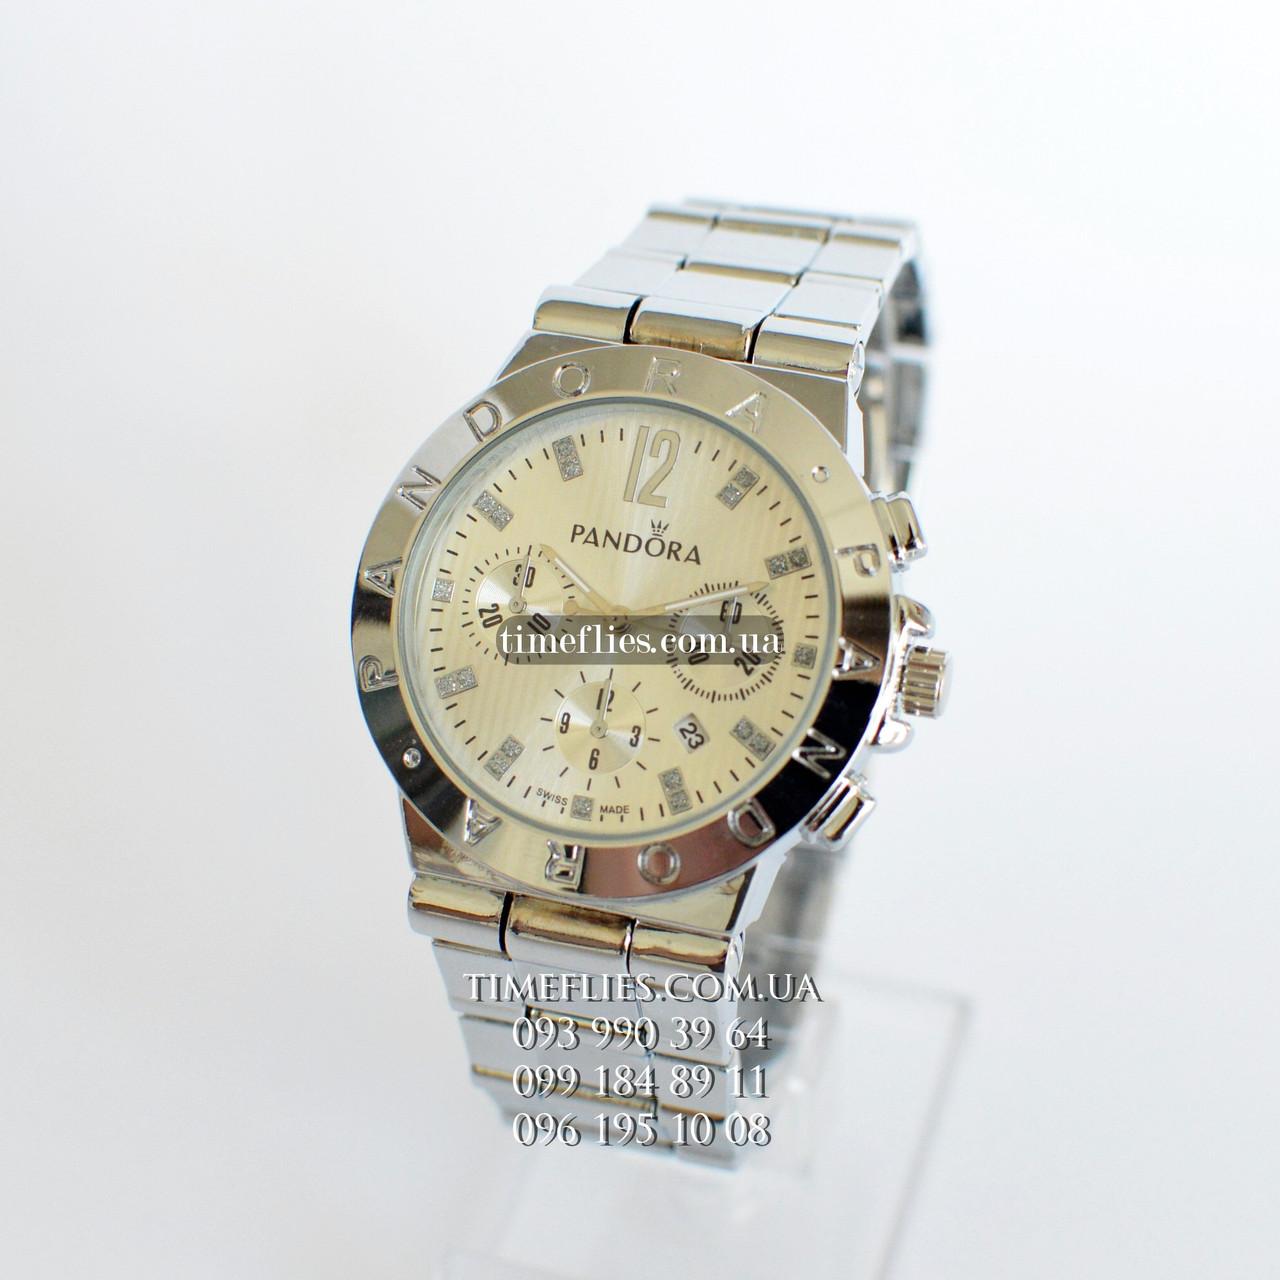 Pandora №34 Кварцові жіночі годинники